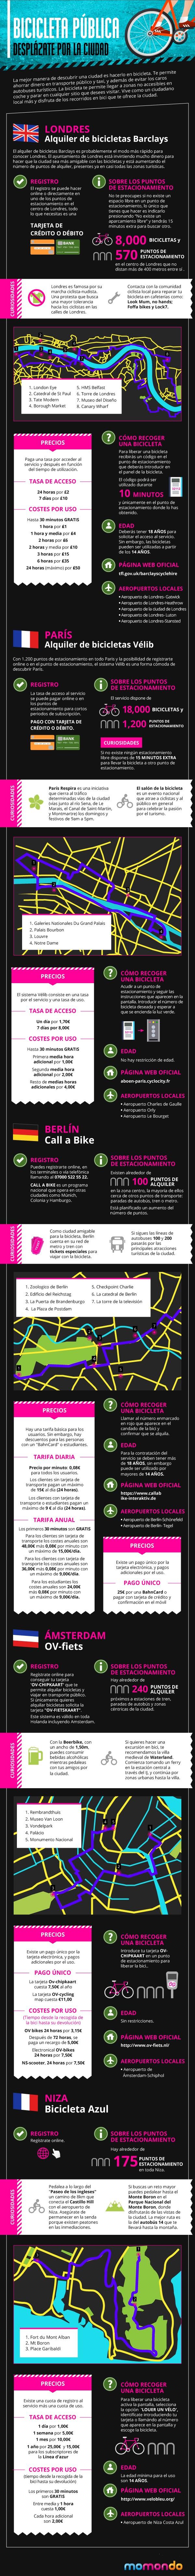 Bicicletas de alquiler en algunas ciudades de Europa